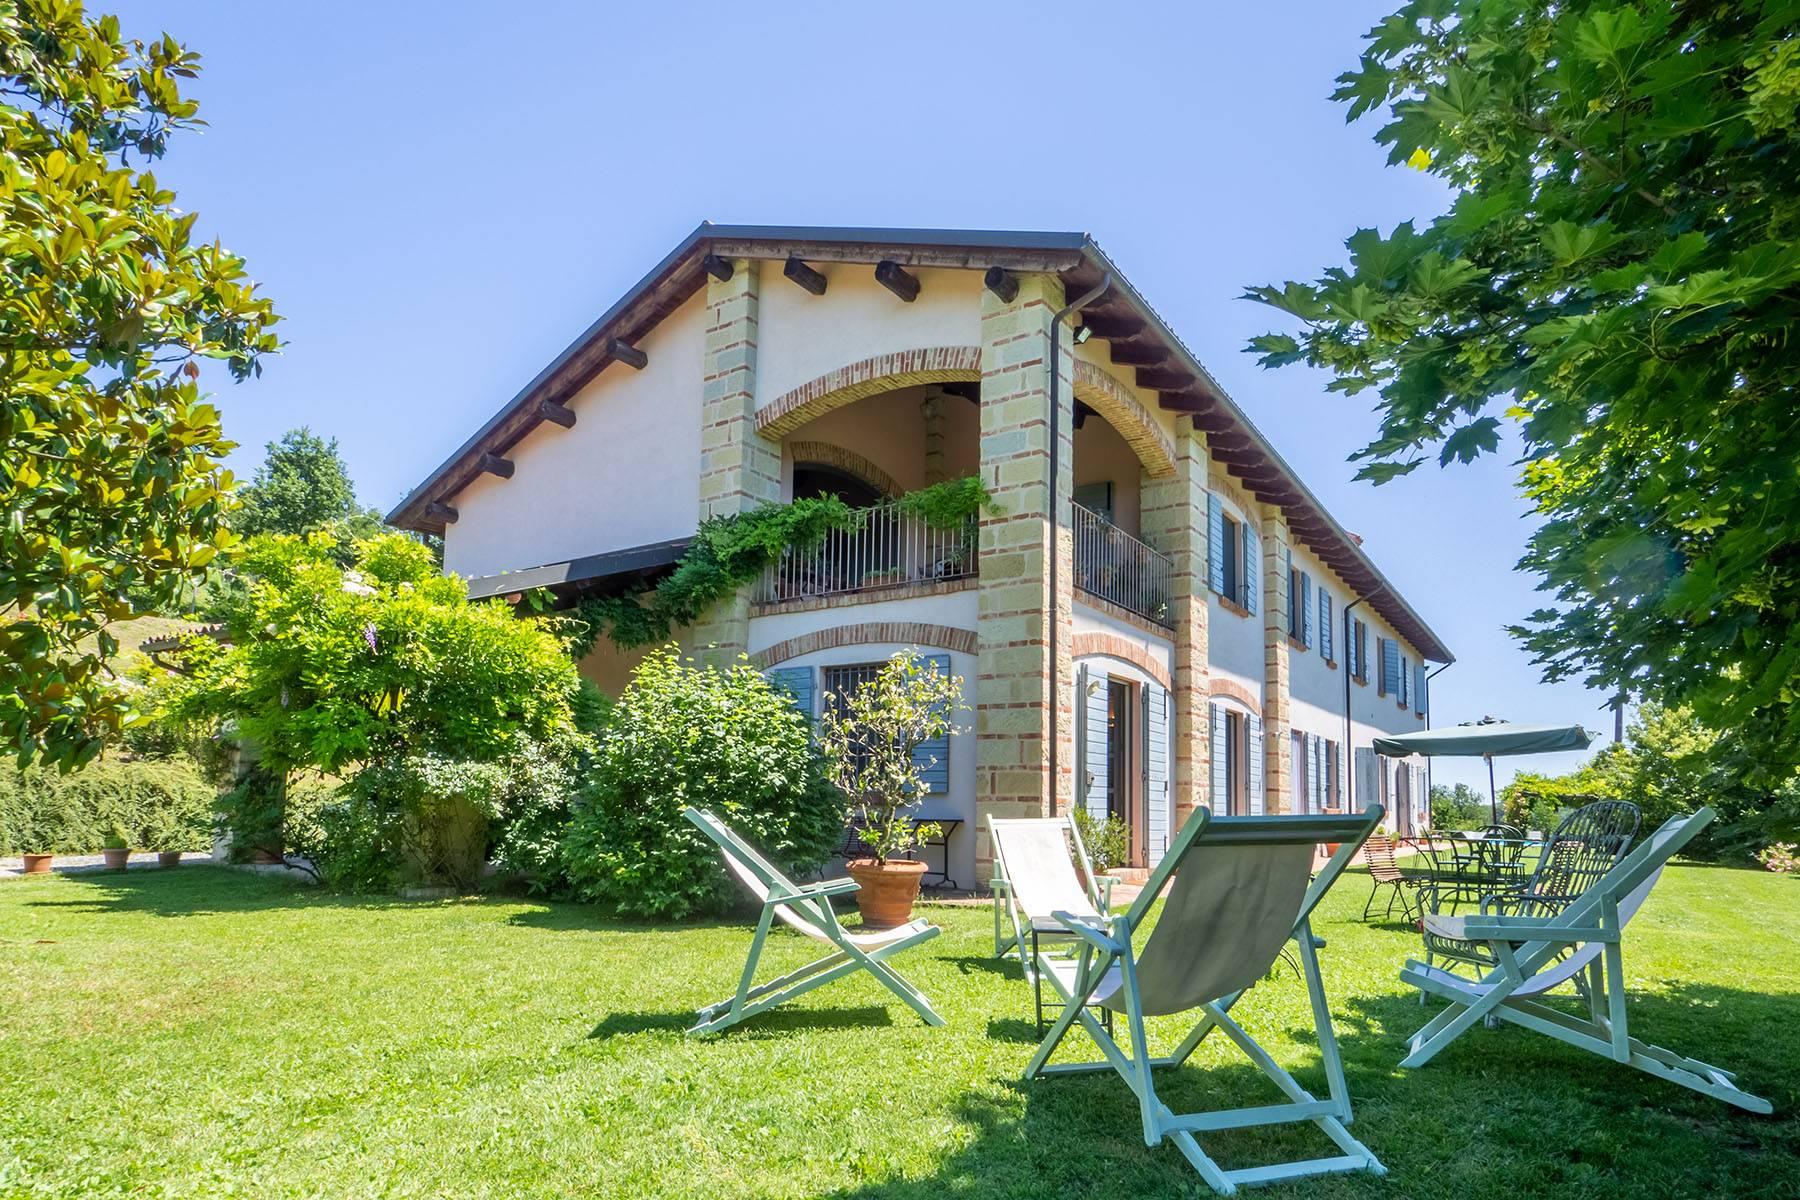 Rustico in Vendita a Ponzano Monferrato: 5 locali, 560 mq